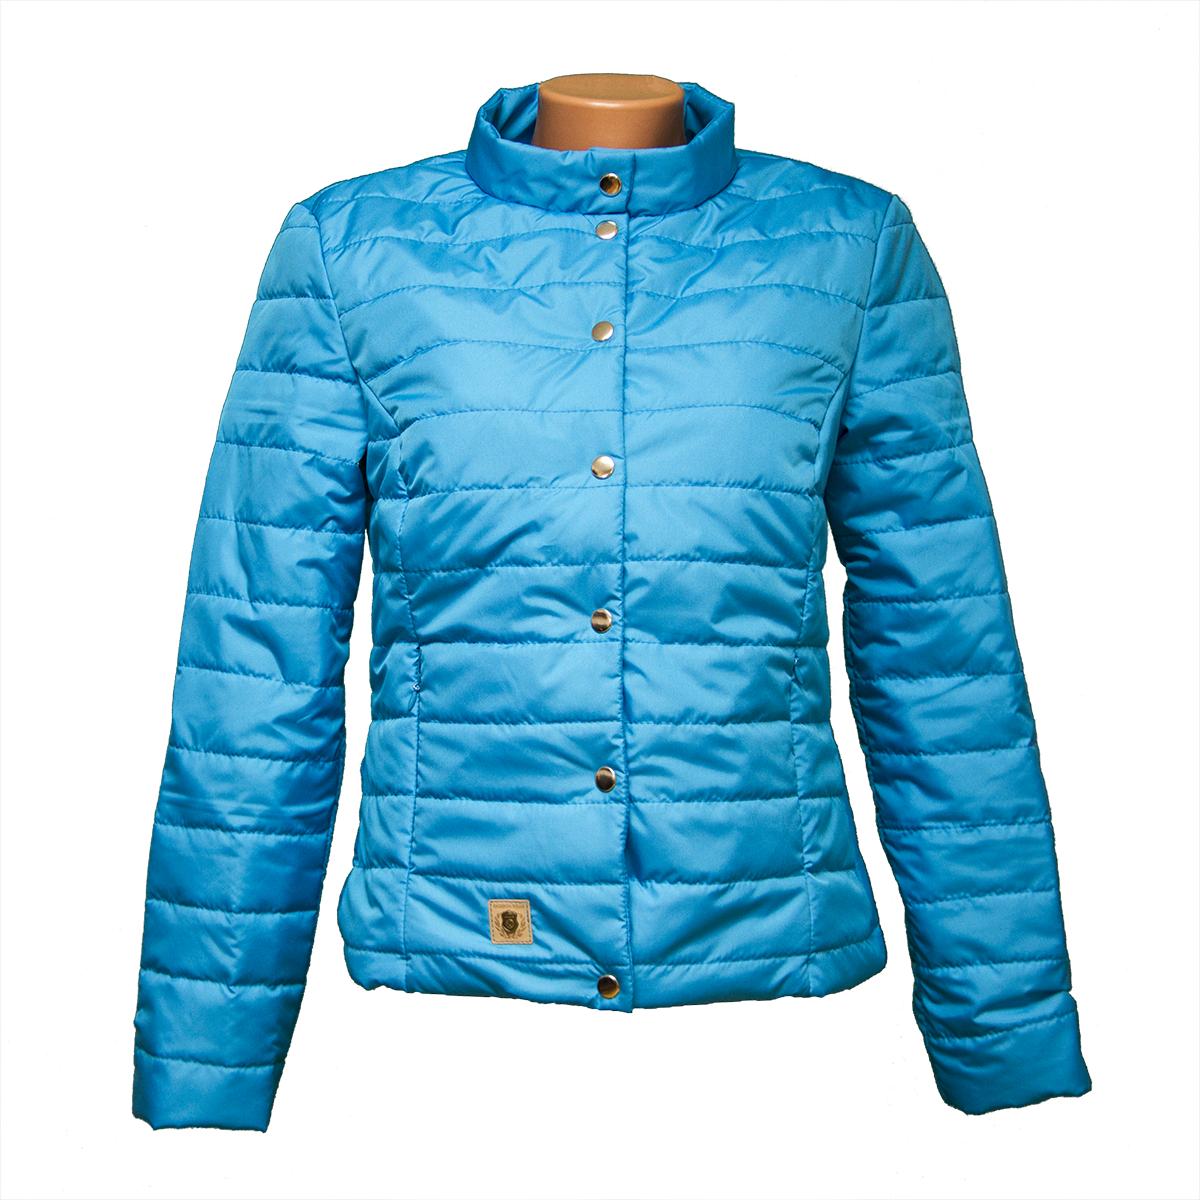 bc45975a62a Куртка женская весенняя производства Украина KD1375- - Оптово-розничный  интернет-магазин спортивной одежды